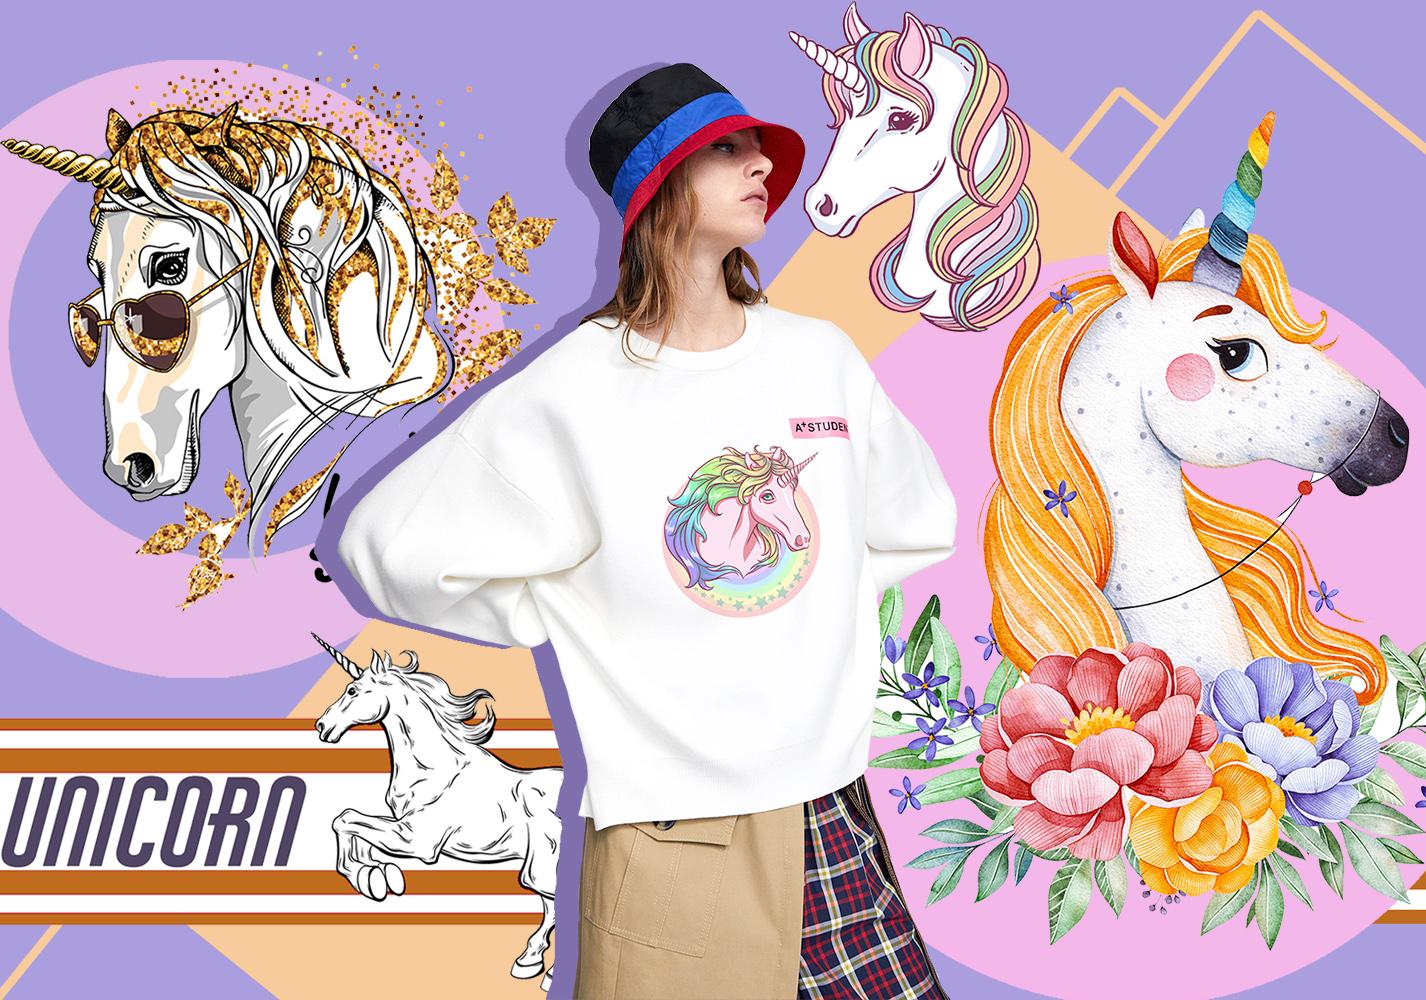 Fantastic Unicorn -- 2020 S/S Pattern Trend for Womenswear